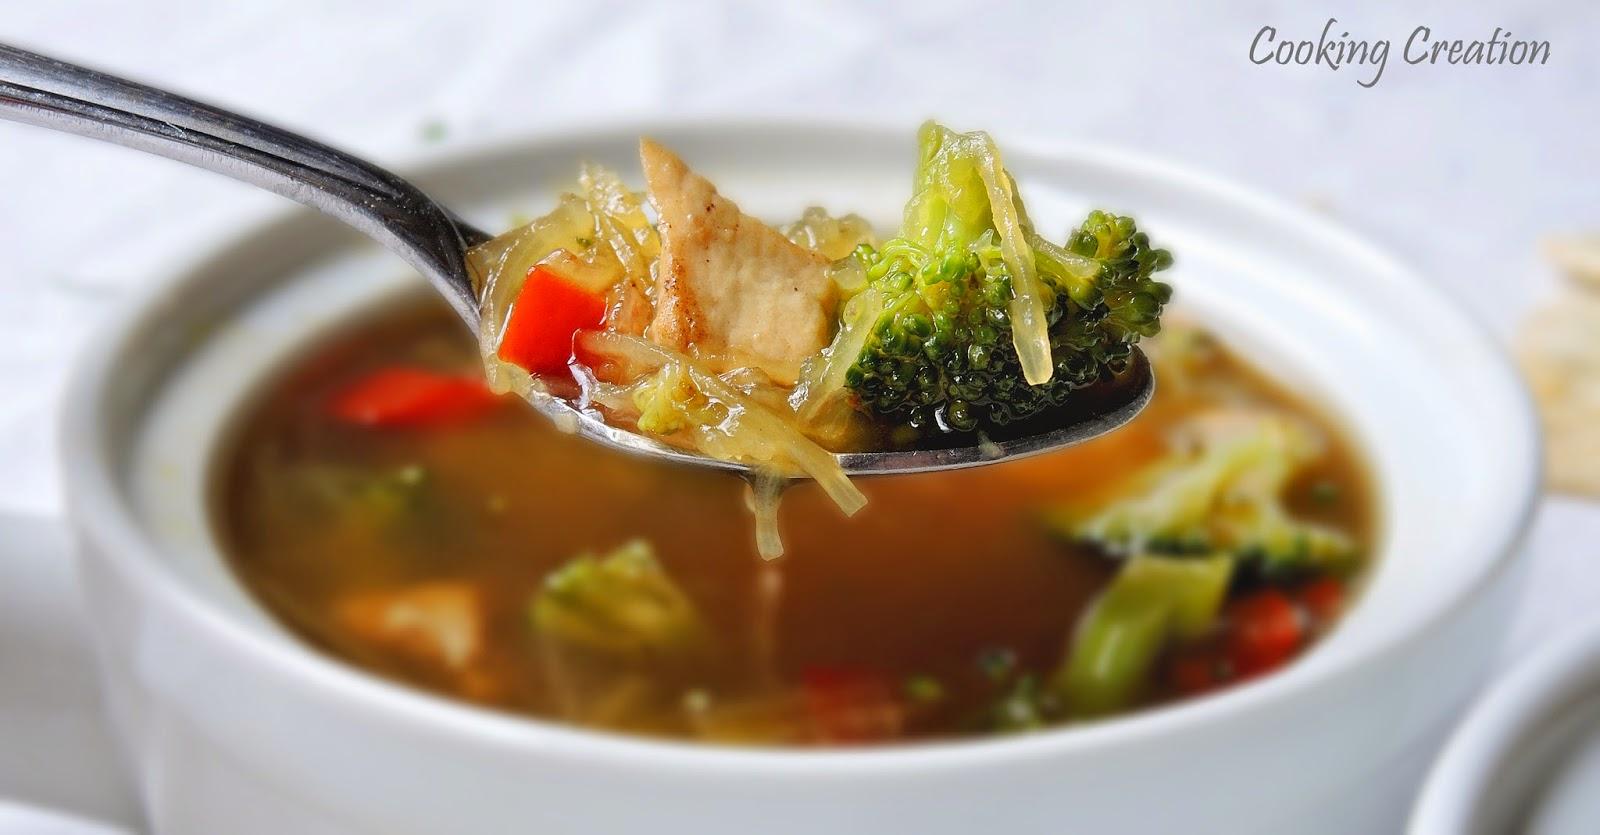 ... Creation: Spaghetti Squash, Chicken & Broccoli Soup with Cinnamon